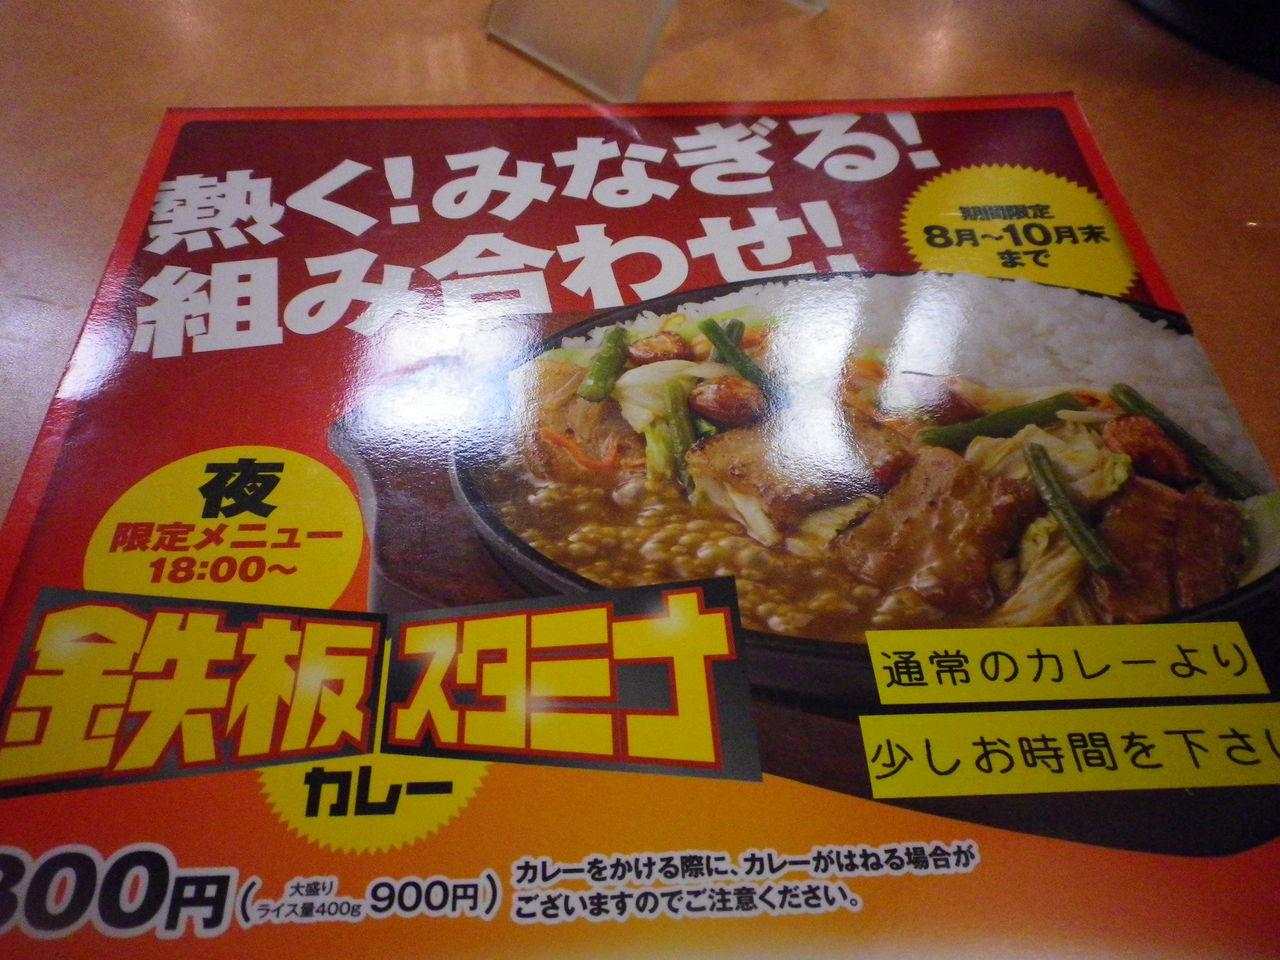 CoCo壱番屋 新宿二丁目店